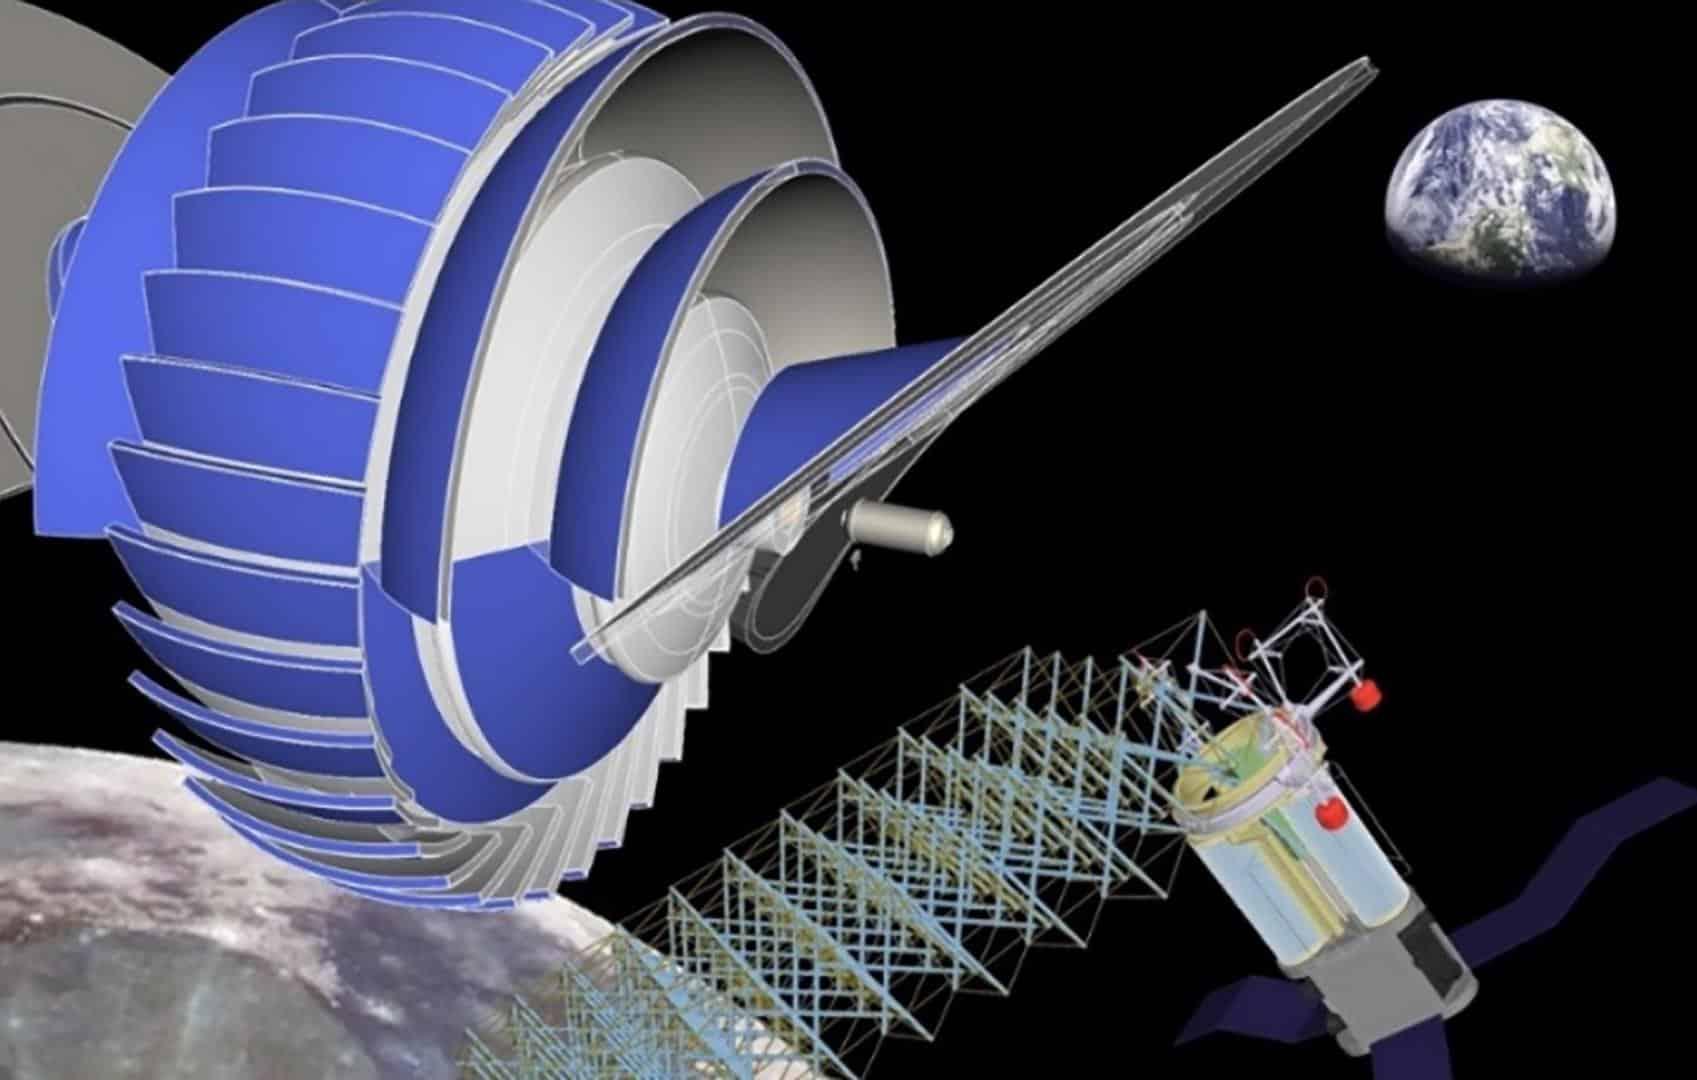 Projeto de espaçonave usa rotação para simular gravidade